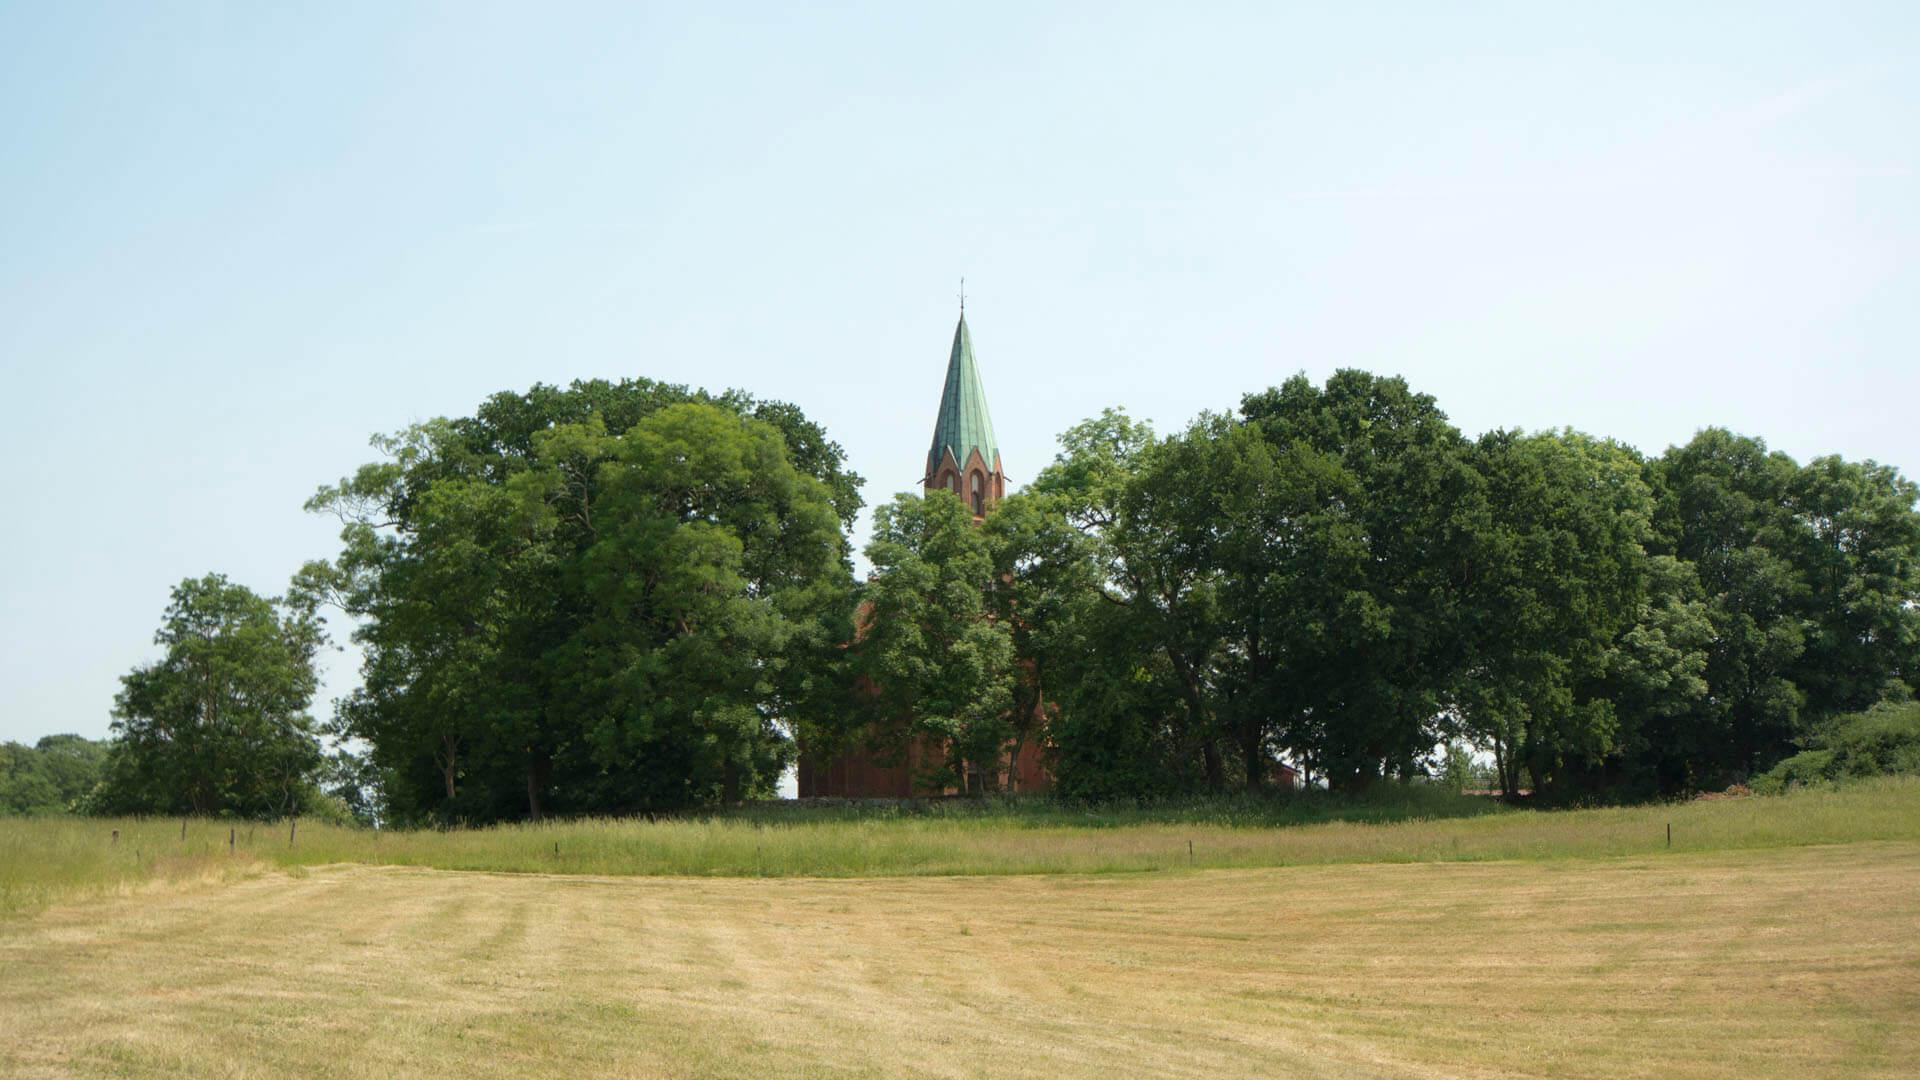 Der Kirchturm ragt über die Baumkronen